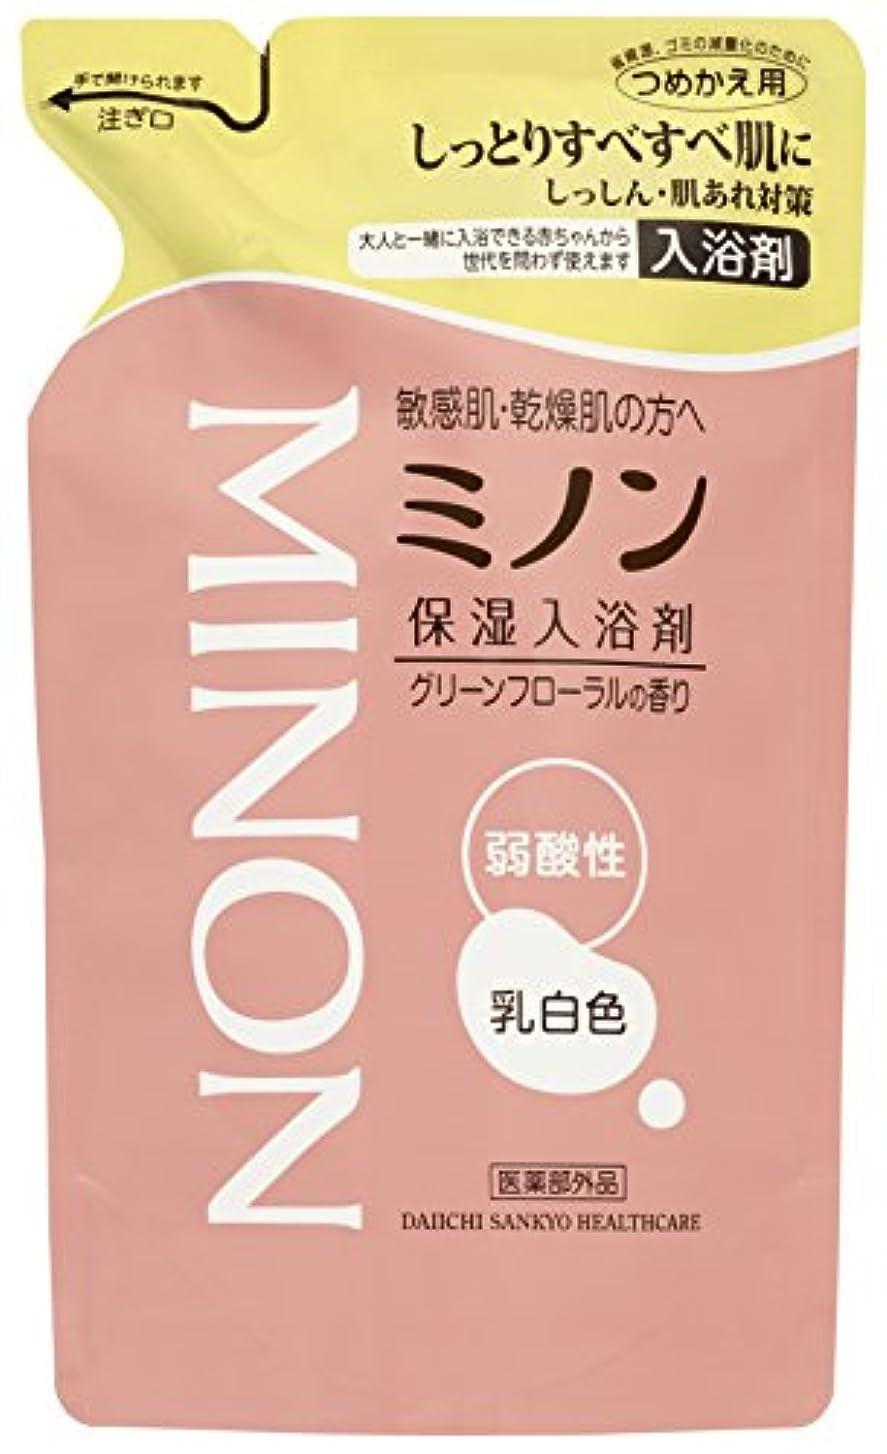 資格クーポンバウンスミノン薬用保湿入浴剤 詰替 400mL